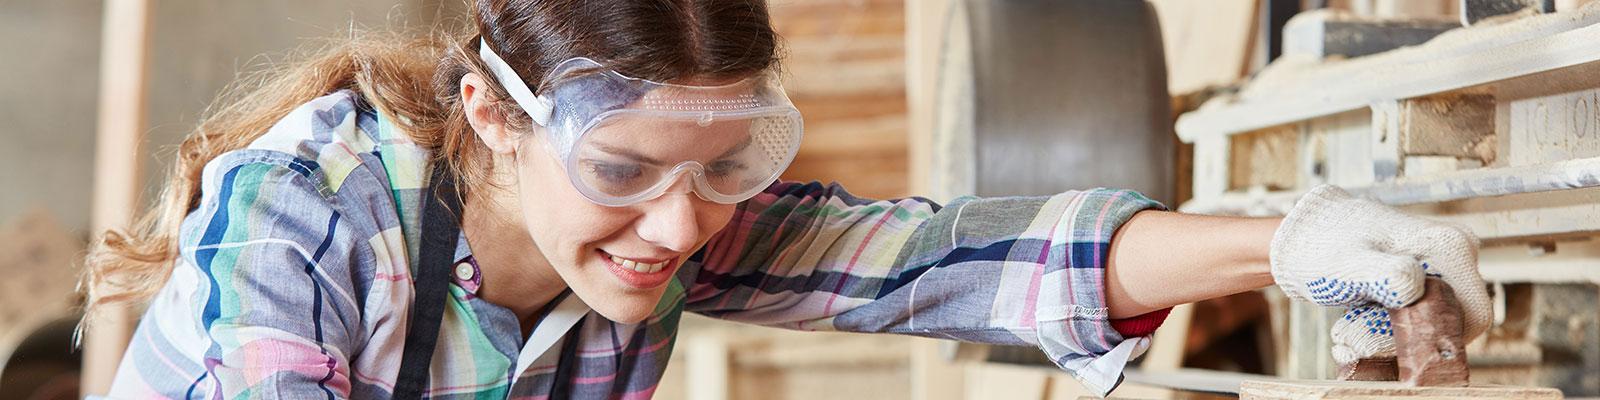 Auszubildende bei der Arbeit zum Thema Ausbildung und Beruf